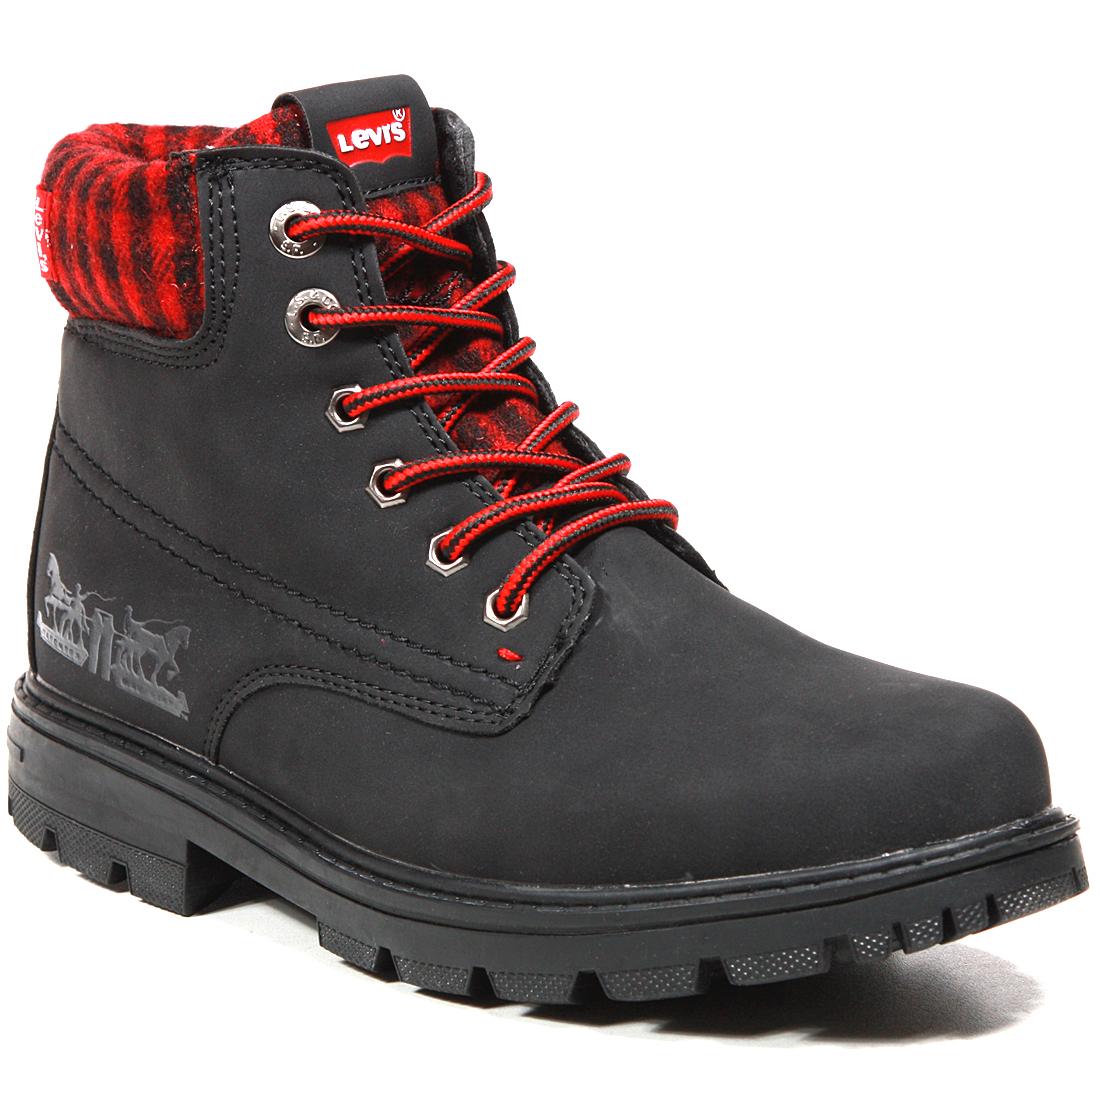 Купить Ботинки детские VFOR0010S Black Red 0178 Levi's Kids р.36, Детские ботинки